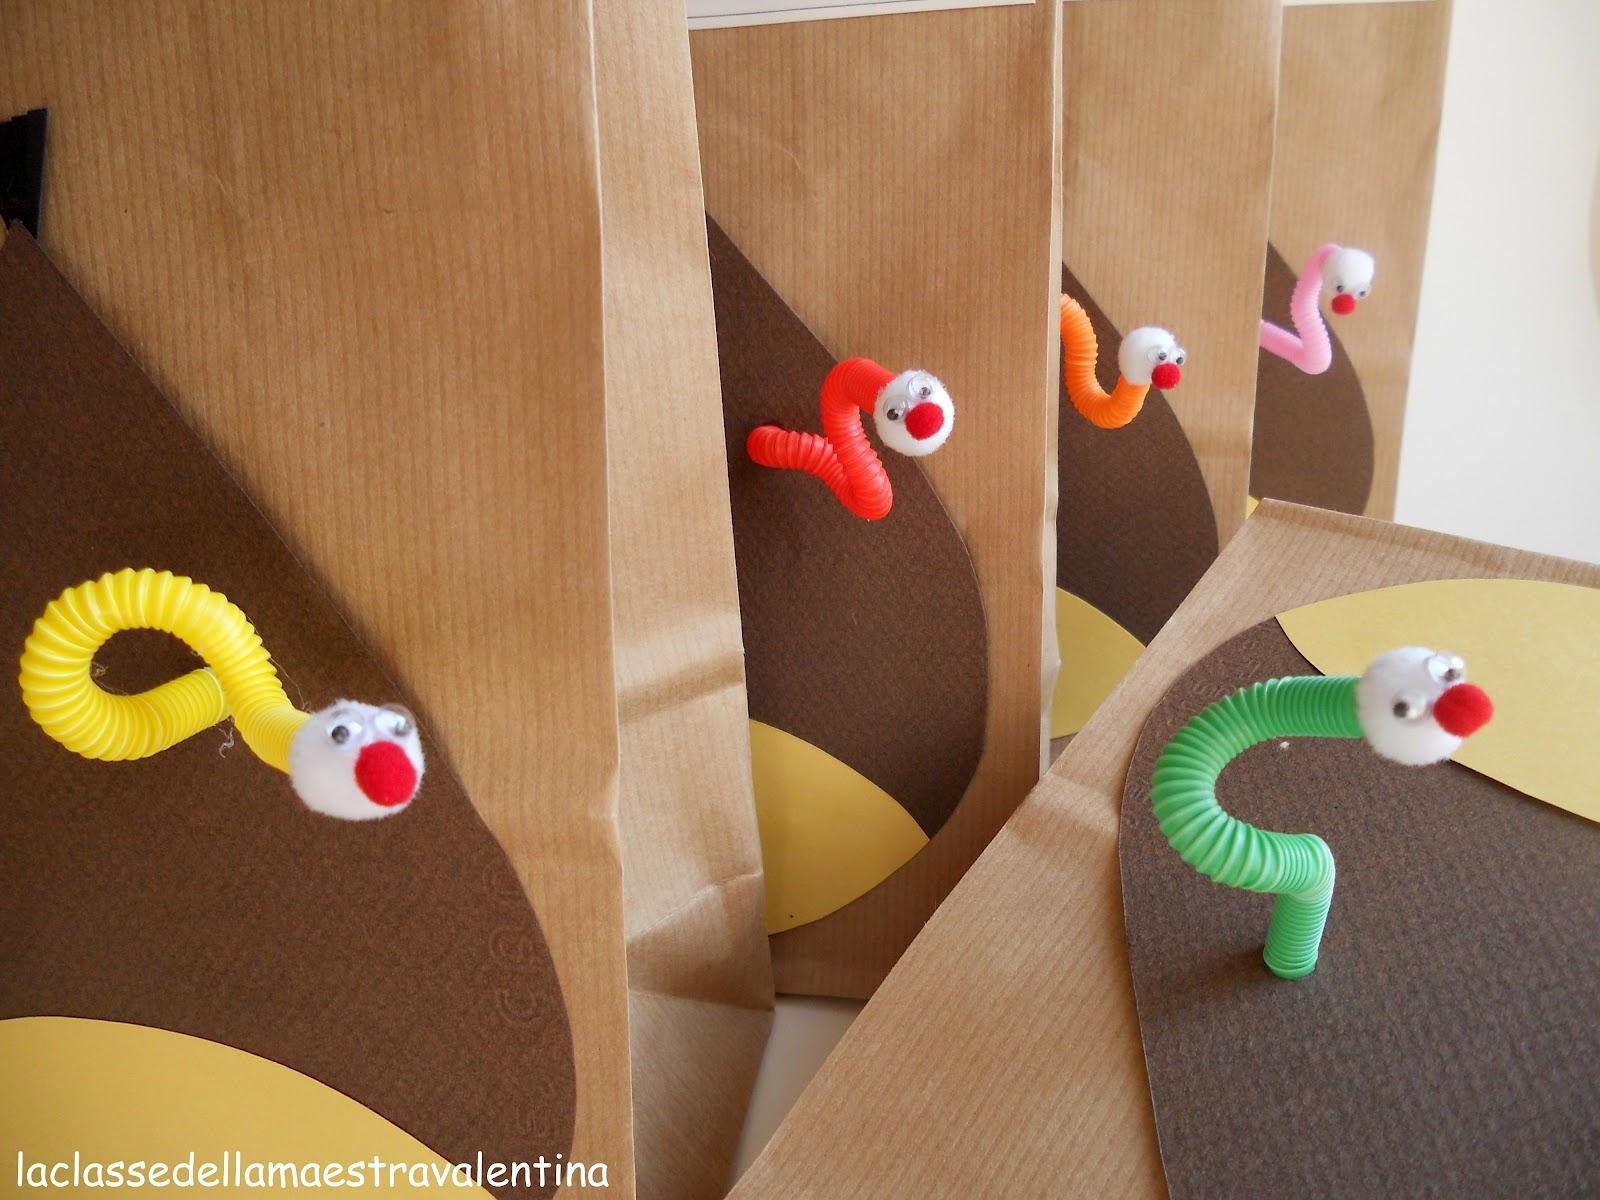 La classe della maestra valentina sacchetti per la castagnata for La classe della maestra